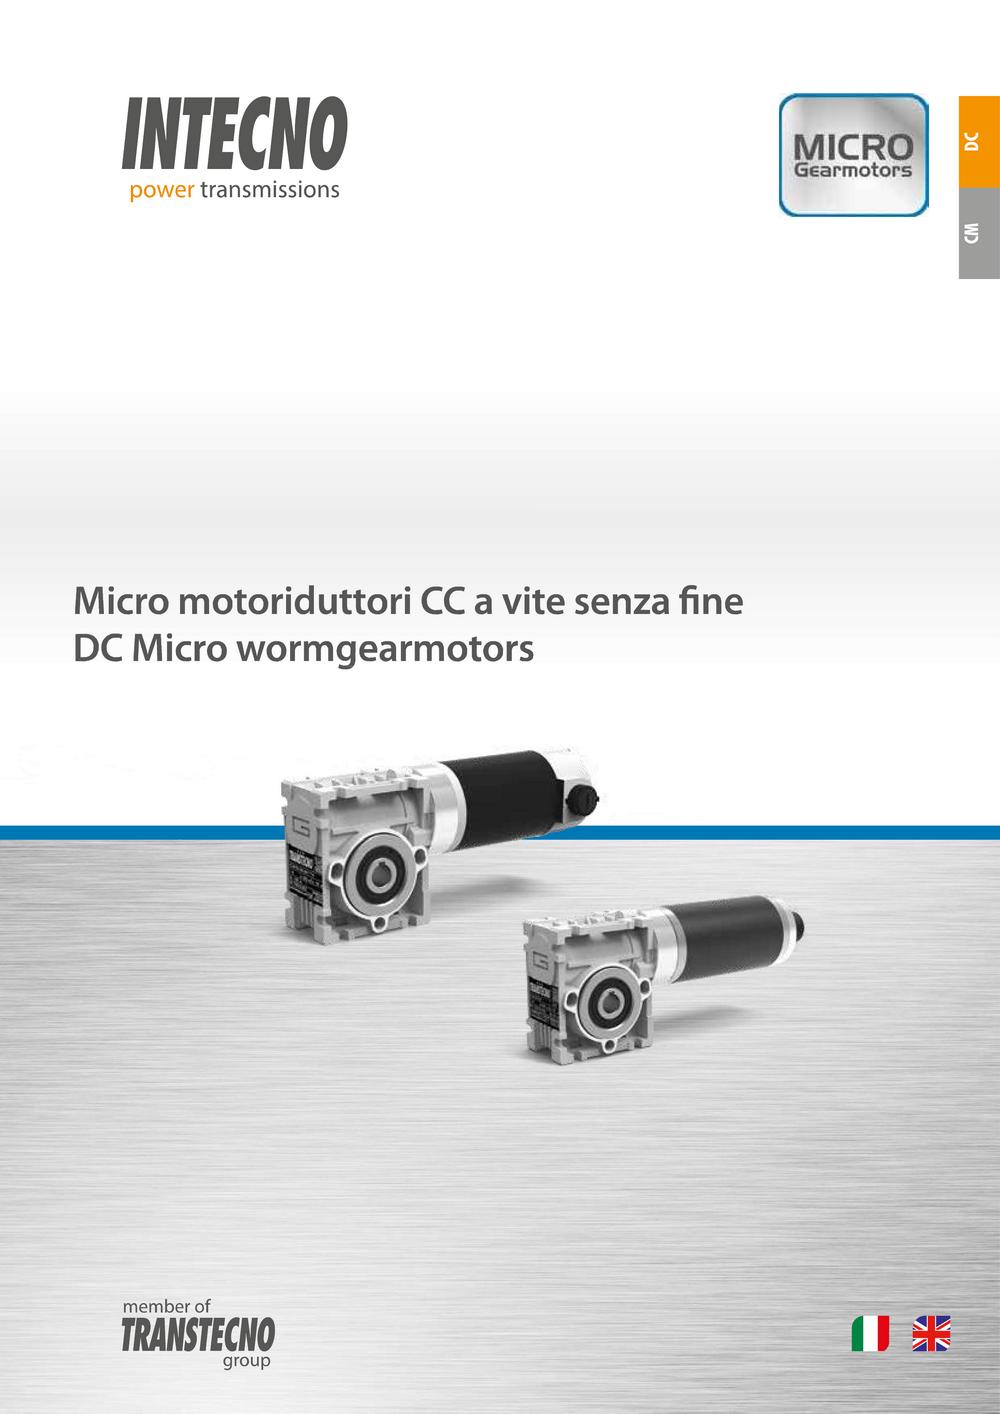 Червячные мотор-редукторы с двигателями постоянного тока ECM Intecno.